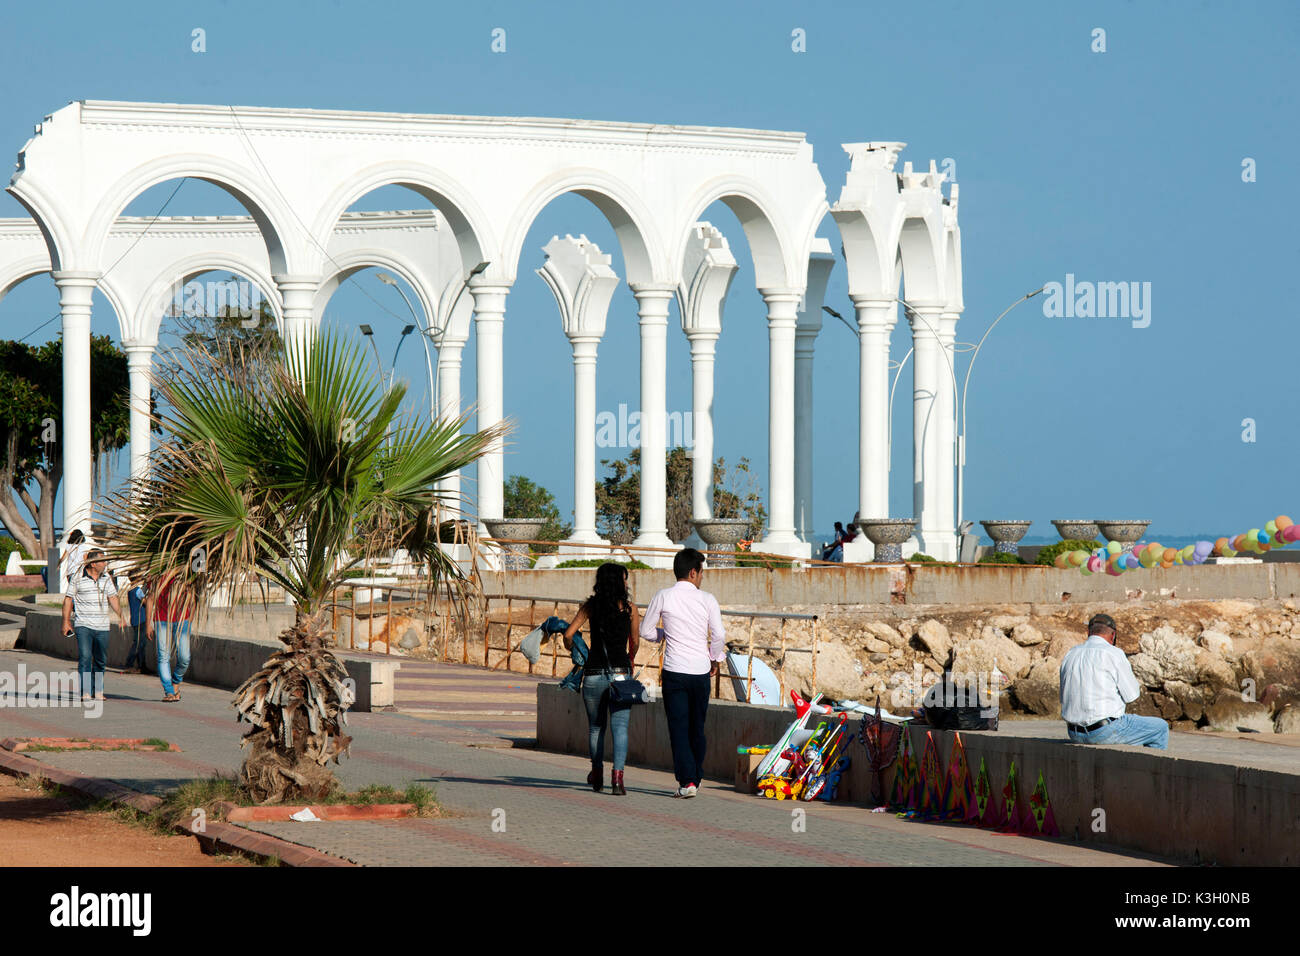 Türkei, Mersin, Adnan Menderes Kültür Parki Stockbild